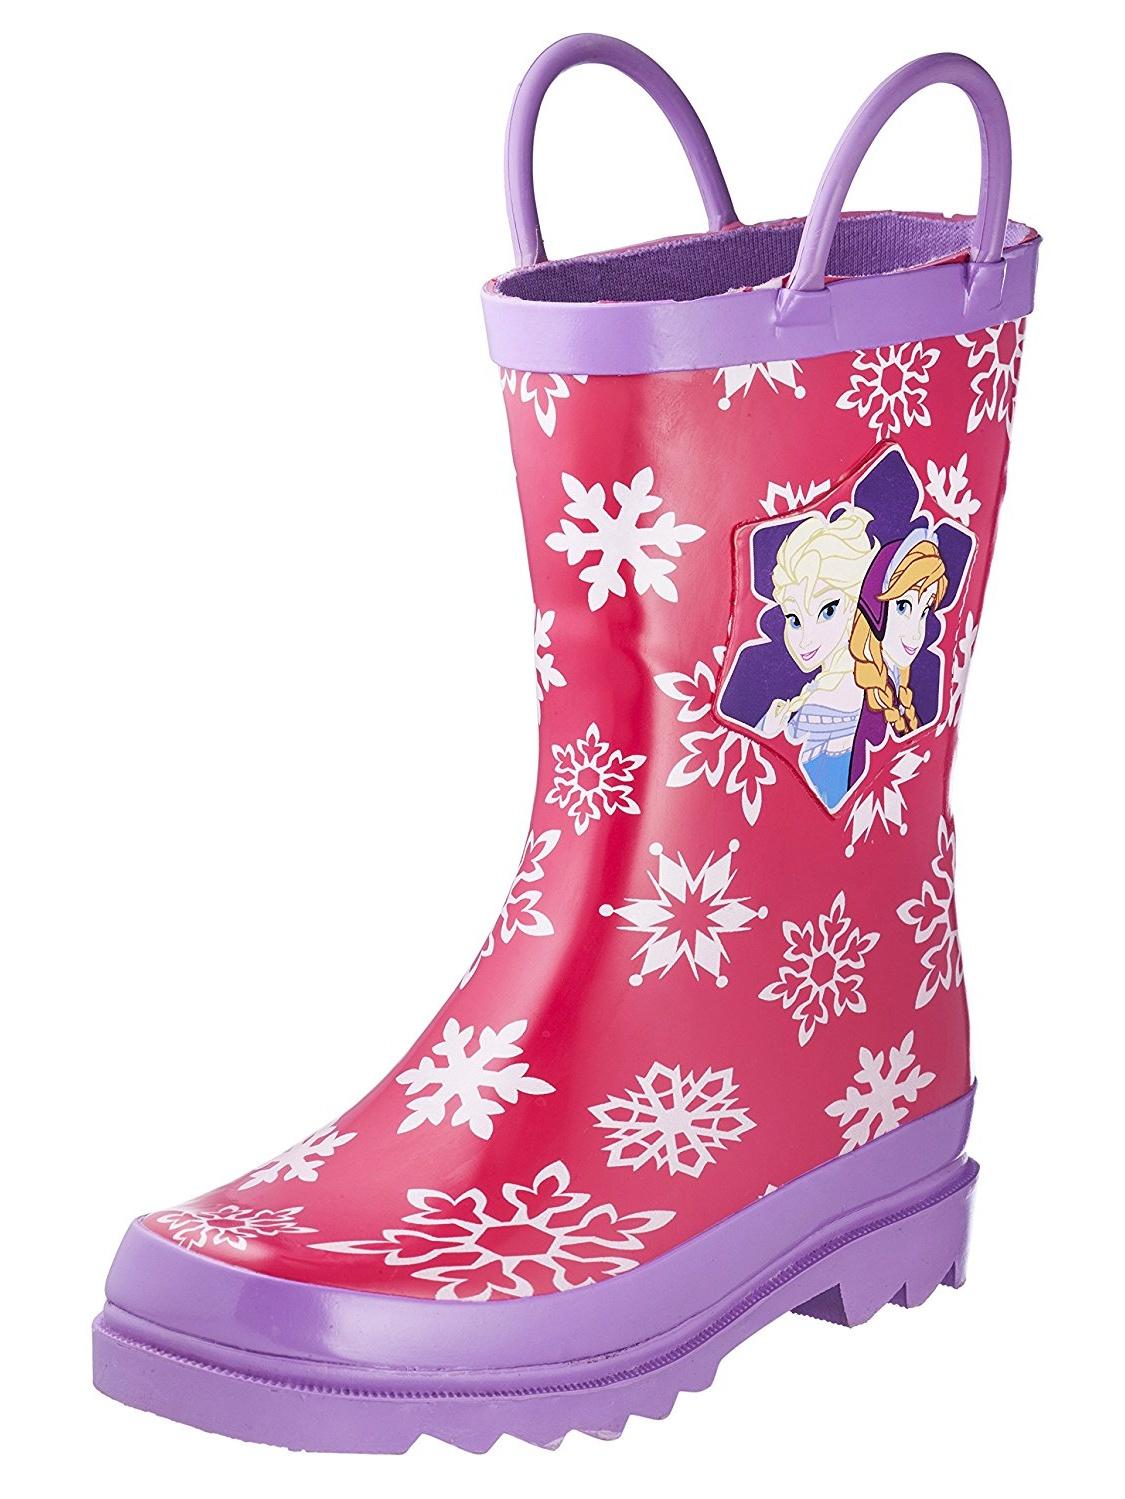 Disney Frozen Girls Anna and Elsa Pink Rain Boots (Toddler / Little Kids)